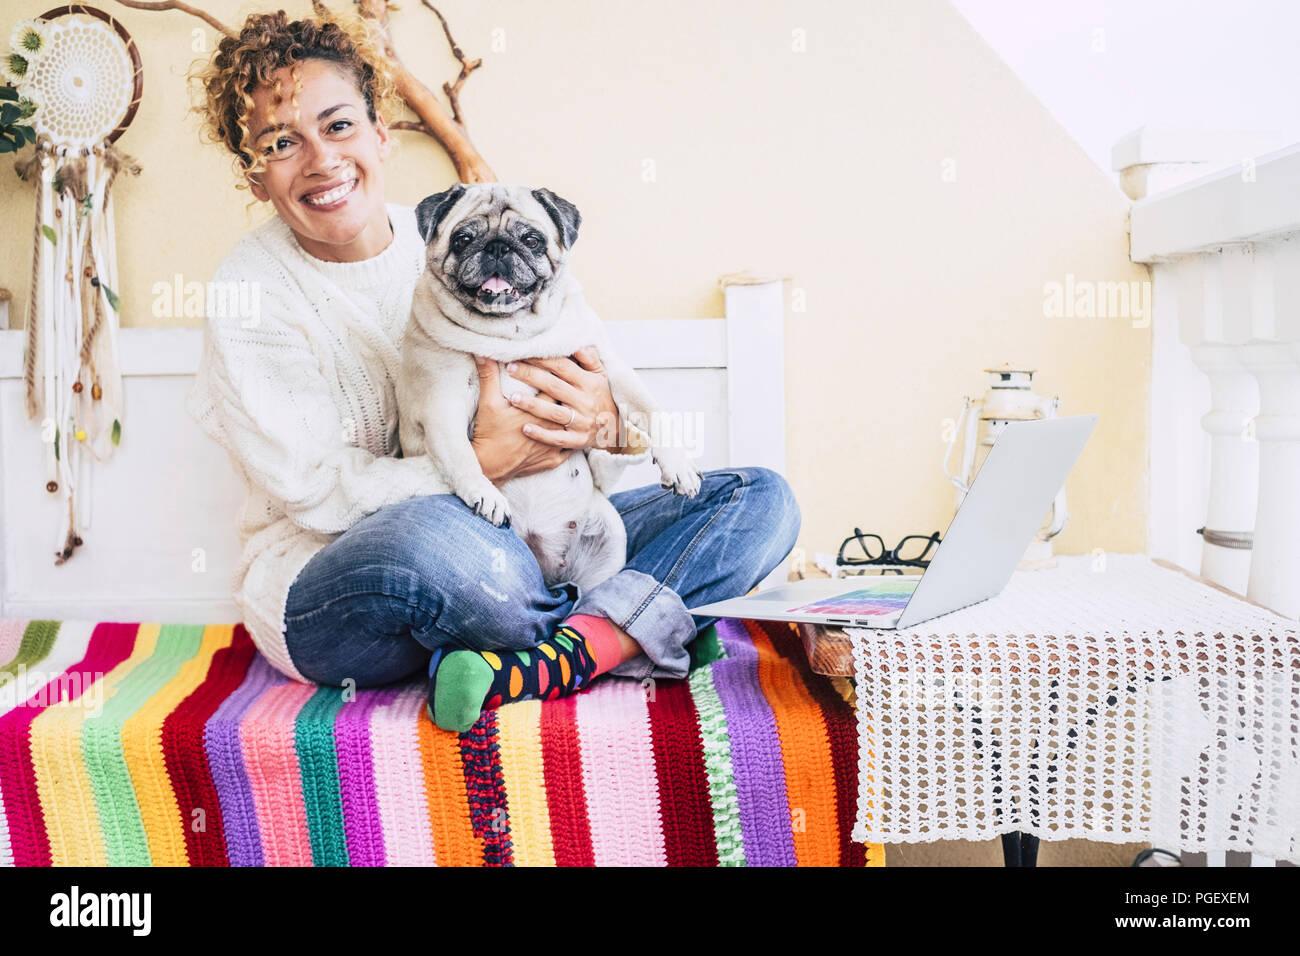 Insgesamt Glück für schöne fröhliche kaukasischen junge Frau umarmte mit Ihren besten Freunden fett Hund Mops zu lächeln. Freundschaft zu Hause und genießen Sie lifest Stockbild